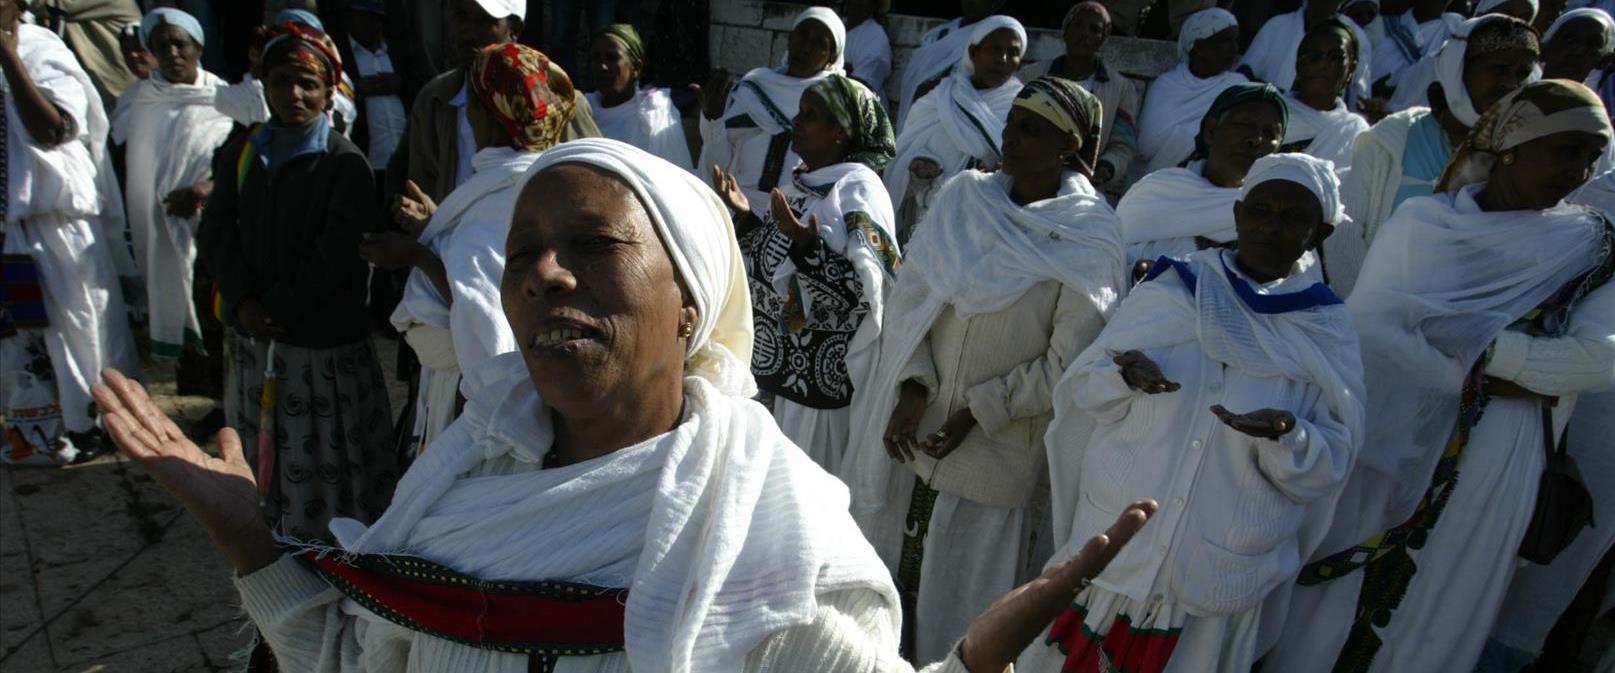 """נשים מקהילת """"ביתא ישראל"""" בתפילה"""